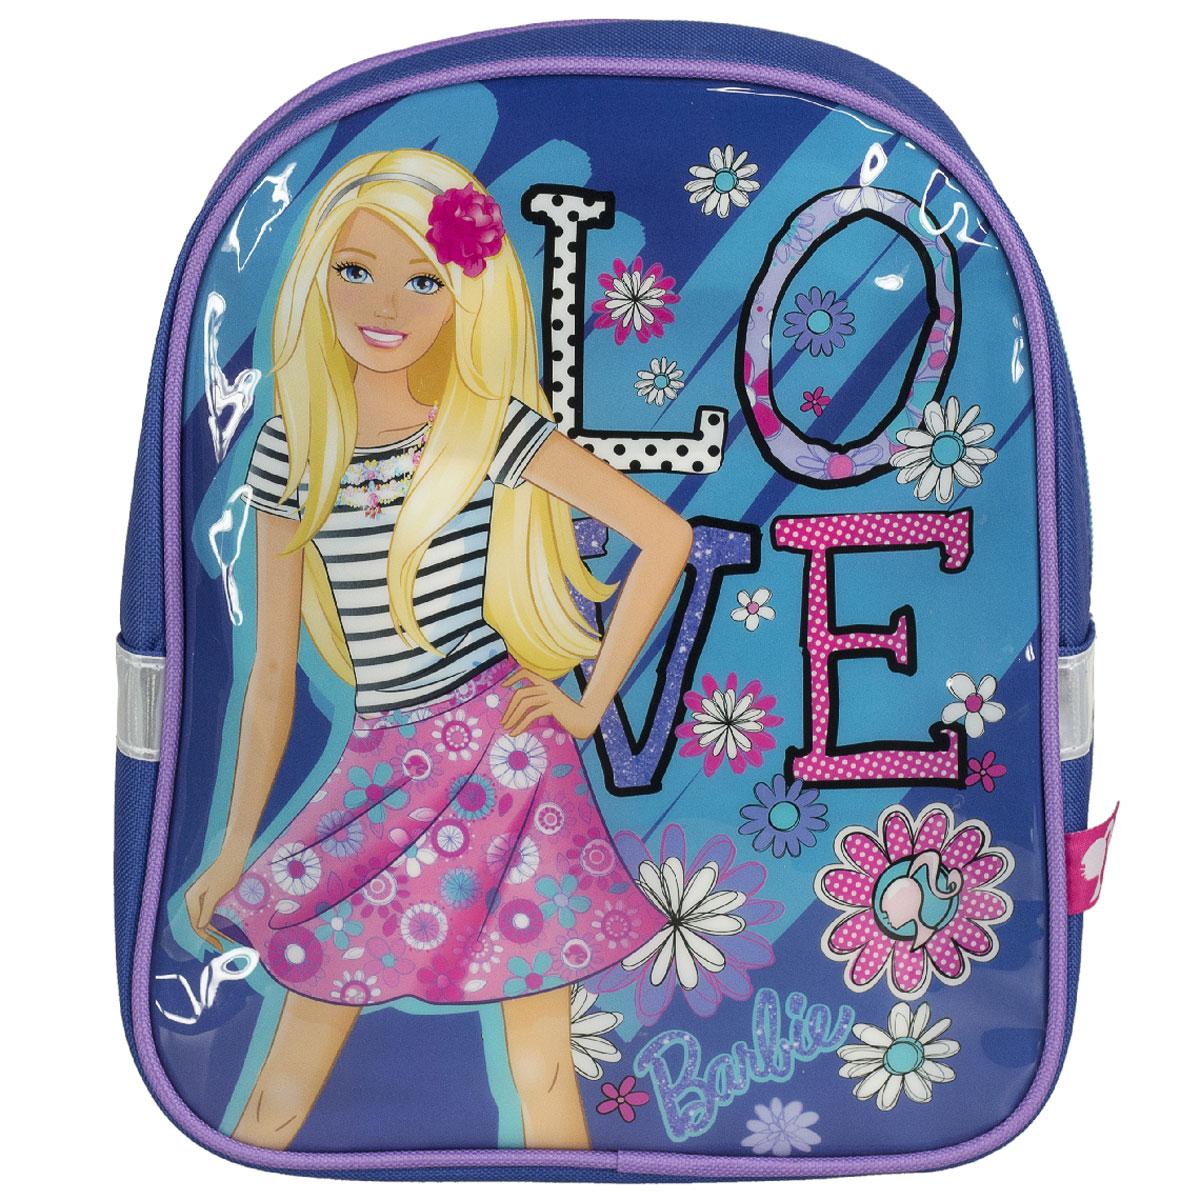 Рюкзак детский Barbie, цвет: синий. BRCB-UT4-521BRCB-UT4-521Детский рюкзак Barbie - это незаменимая вещь для прогулок и повседневных дел, в нем можно разместить самые важные вещи. Пусть у вашего ребенка тоже будет свой собственный рюкзак. Выполнен из прочных и безопасных материалов. Передняя панель украшена ярким изображением куклы Барби. У модели одно вместительное отделение на застежке-молнии. Широкие лямки можно свободно регулировать по длине в зависимости от роста ребенка. Рюкзак оснащен текстильной ручкой для переноски в руке. Светоотражающие элементы обеспечивают безопасность в темное время суток Рекомендуемый возраст: от 7 лет.